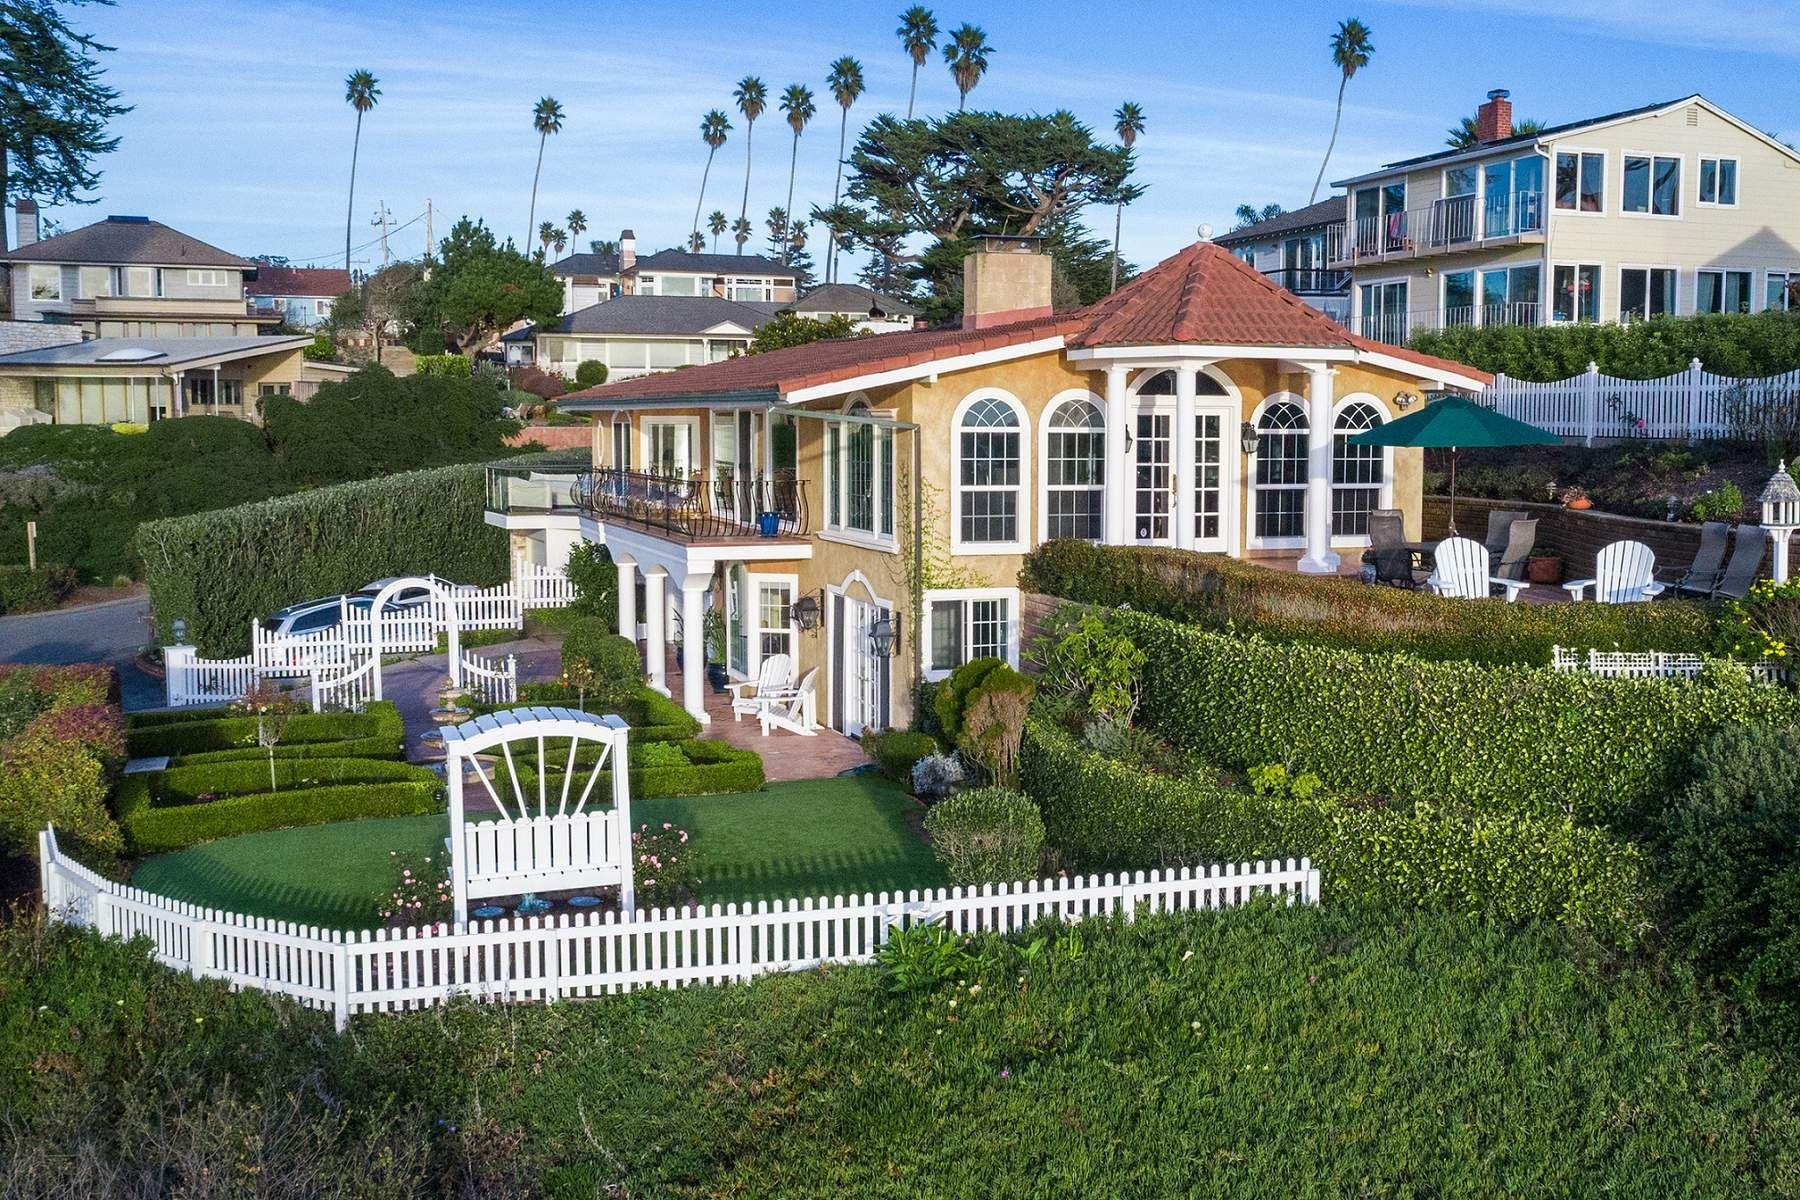 Single Family Home for Sale at 5 Breve Avenue, La Selva Beach La Selva Beach, California 95076 United States